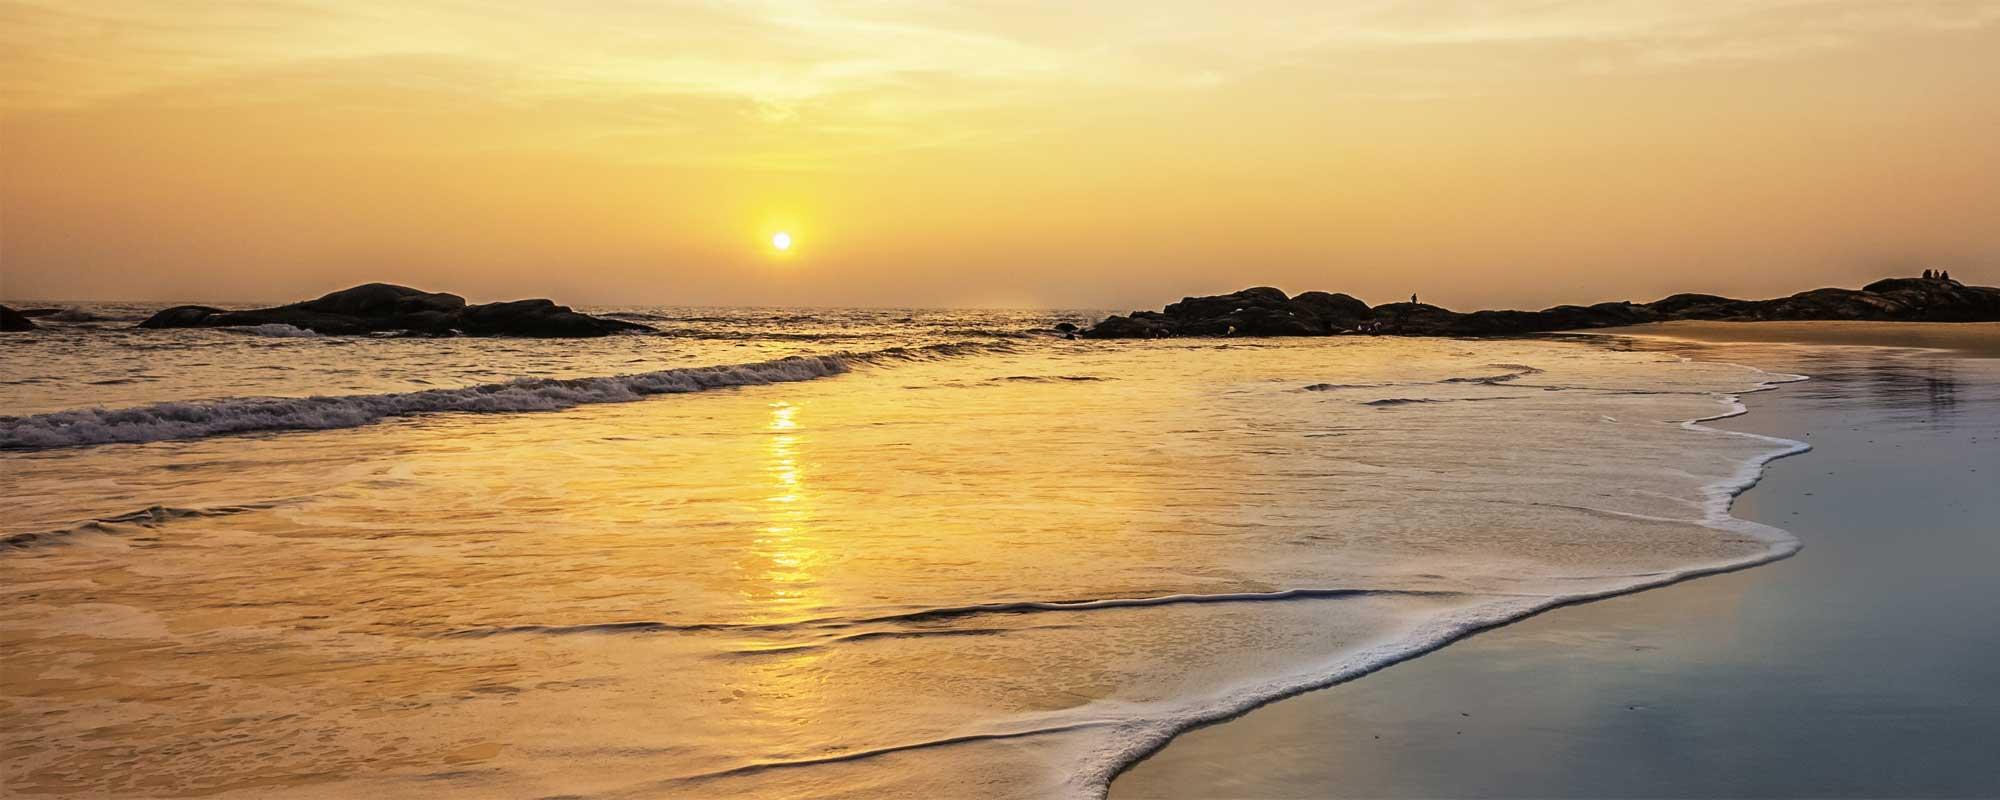 Best Beaches in Daman and Diu